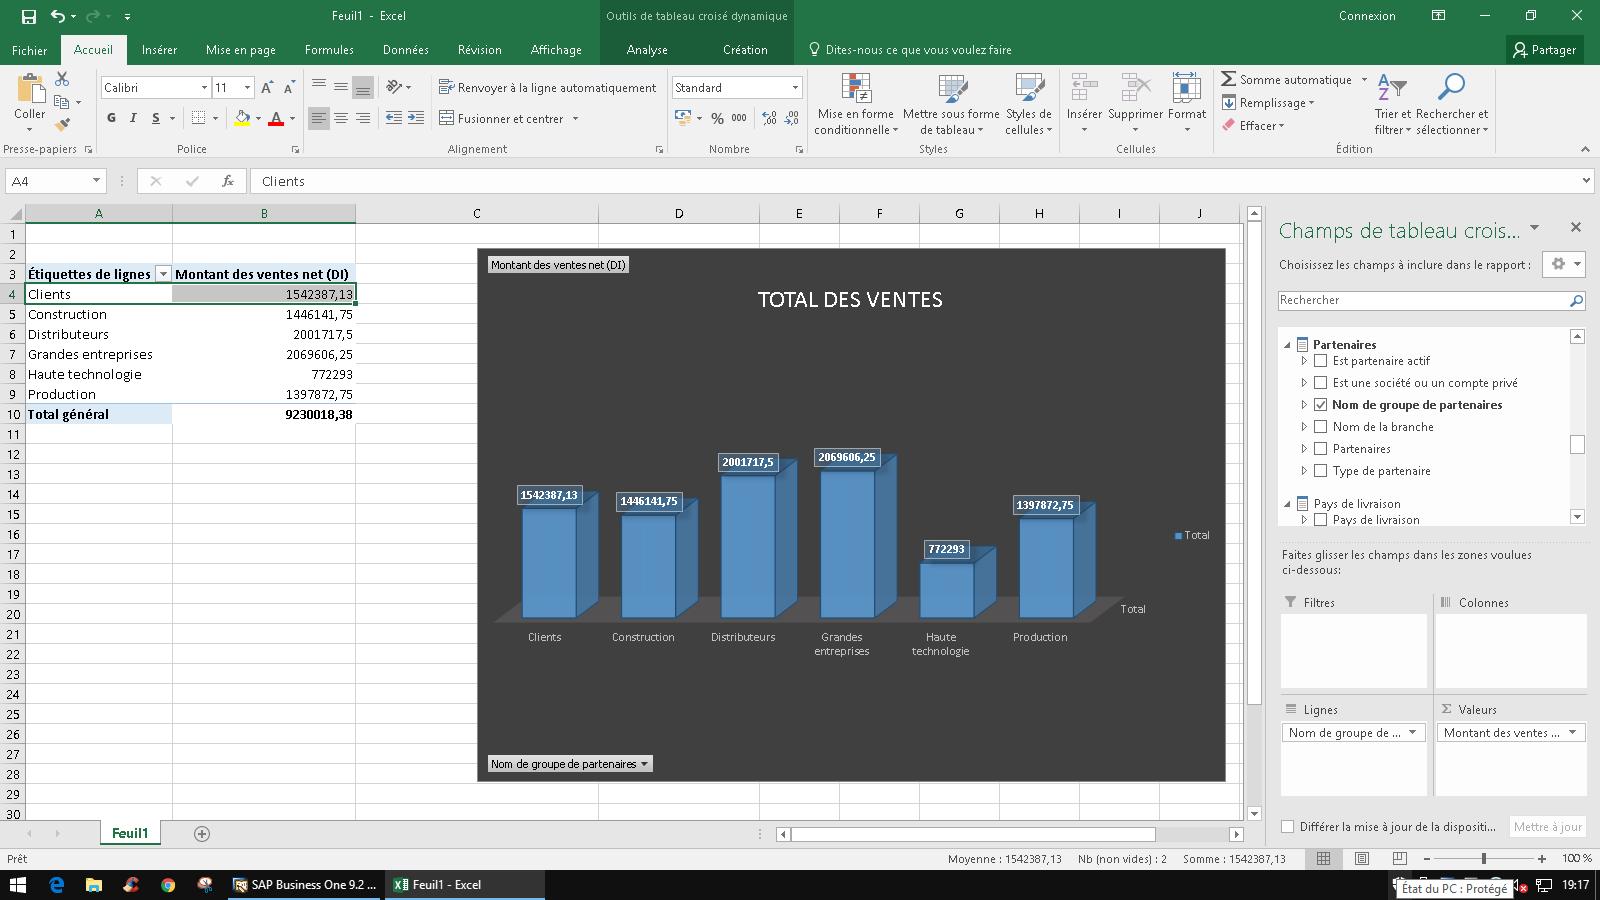 Analyse interactive Excel | cliquez pour agrandir